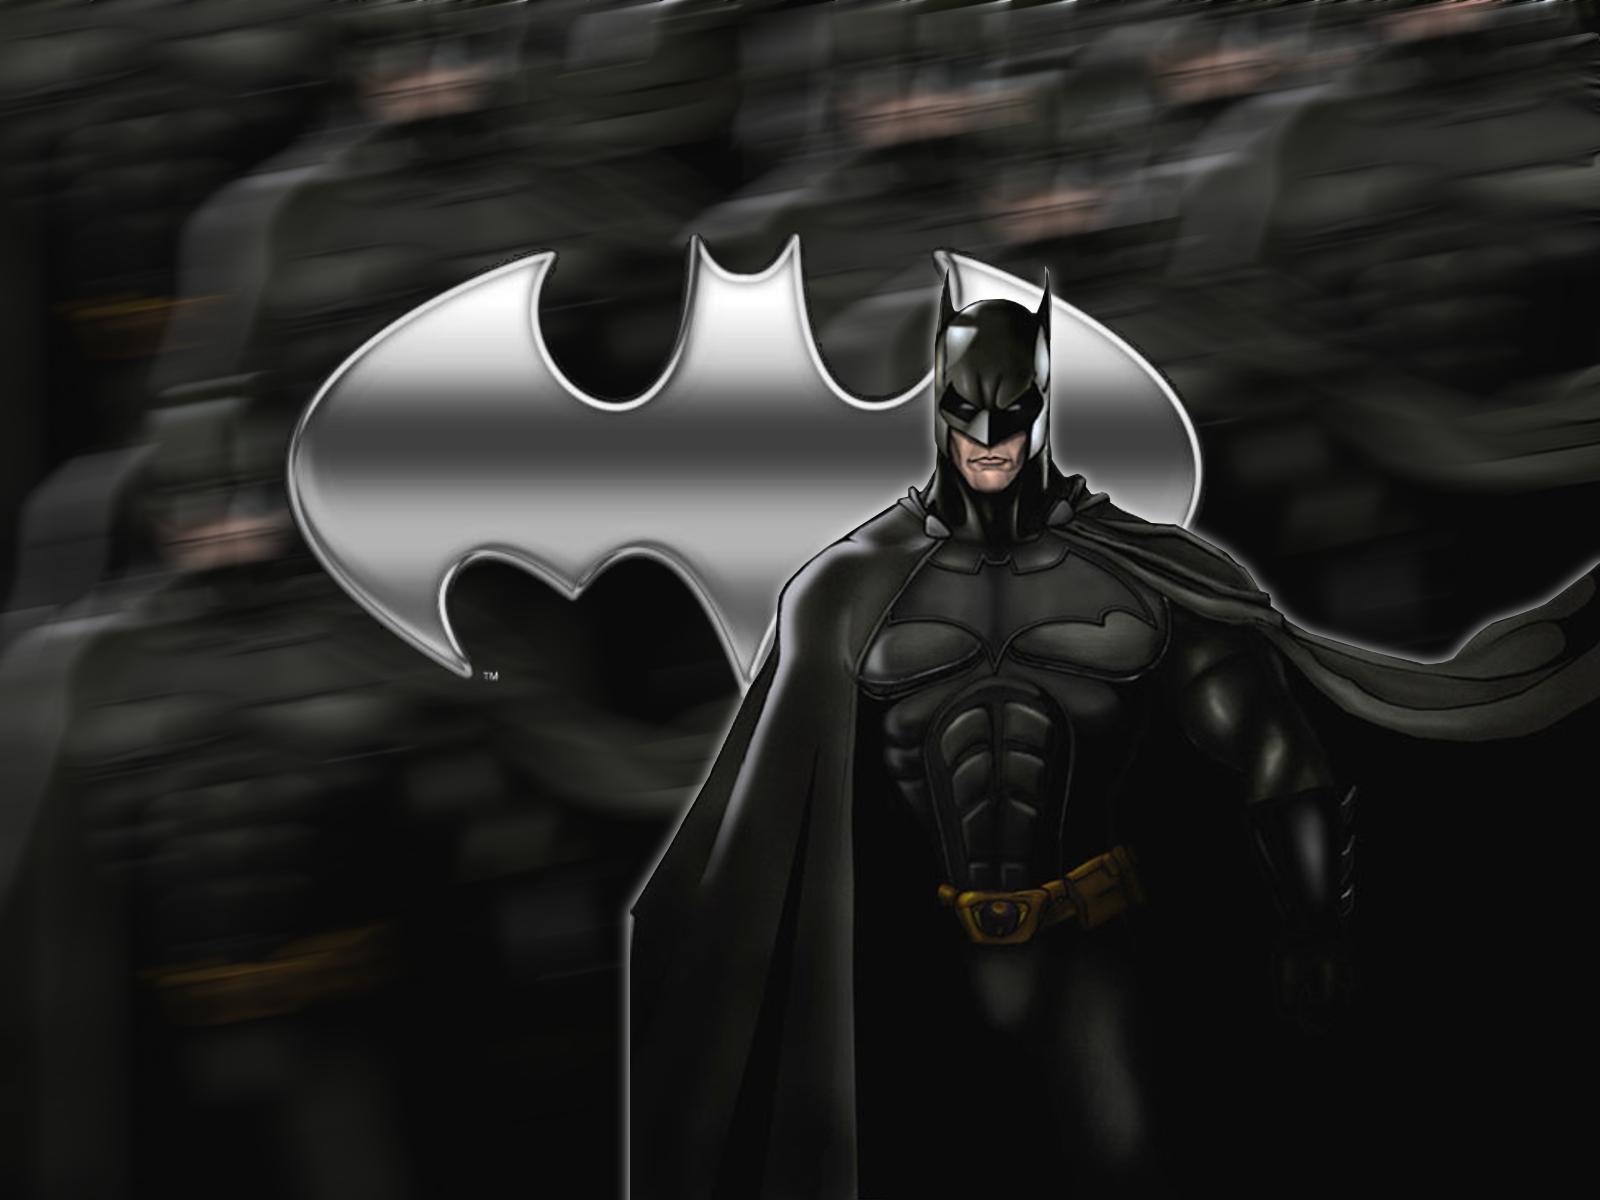 batman wallpaper by tennsoccerdr customization wallpaper other 2011 1600x1200